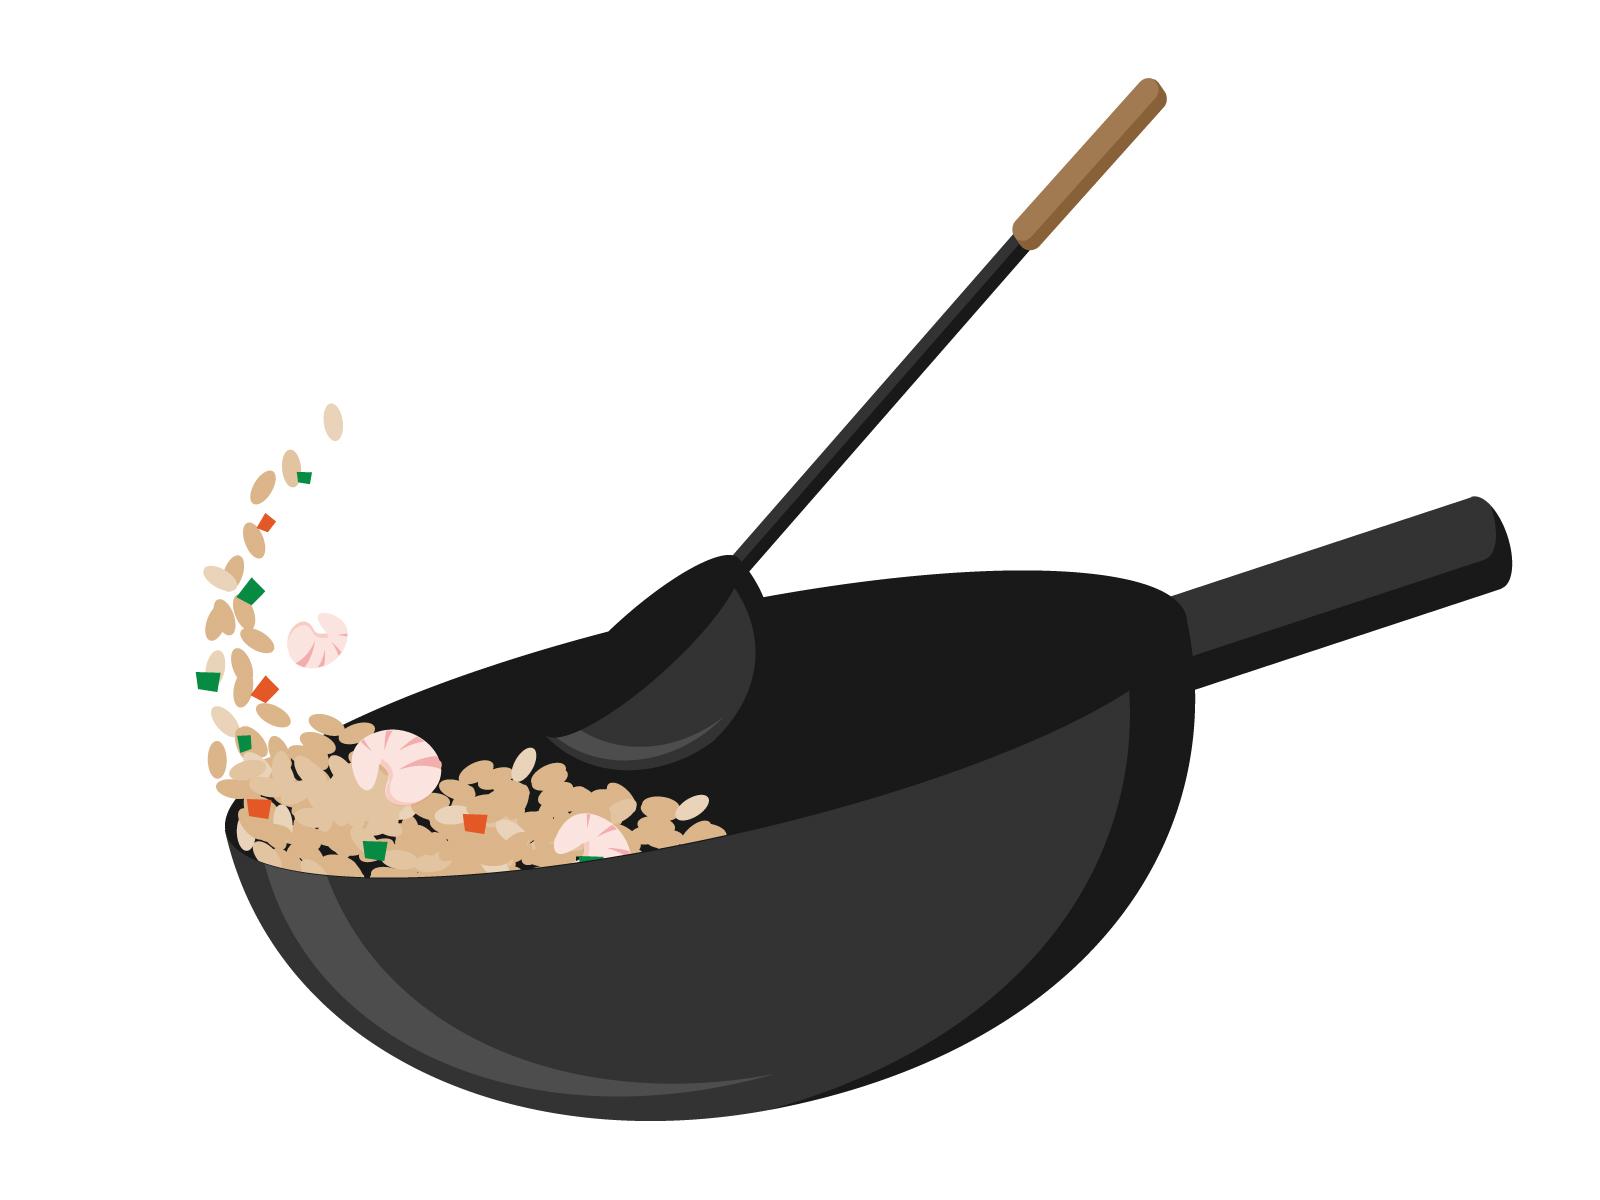 中華鍋のイメージ画像